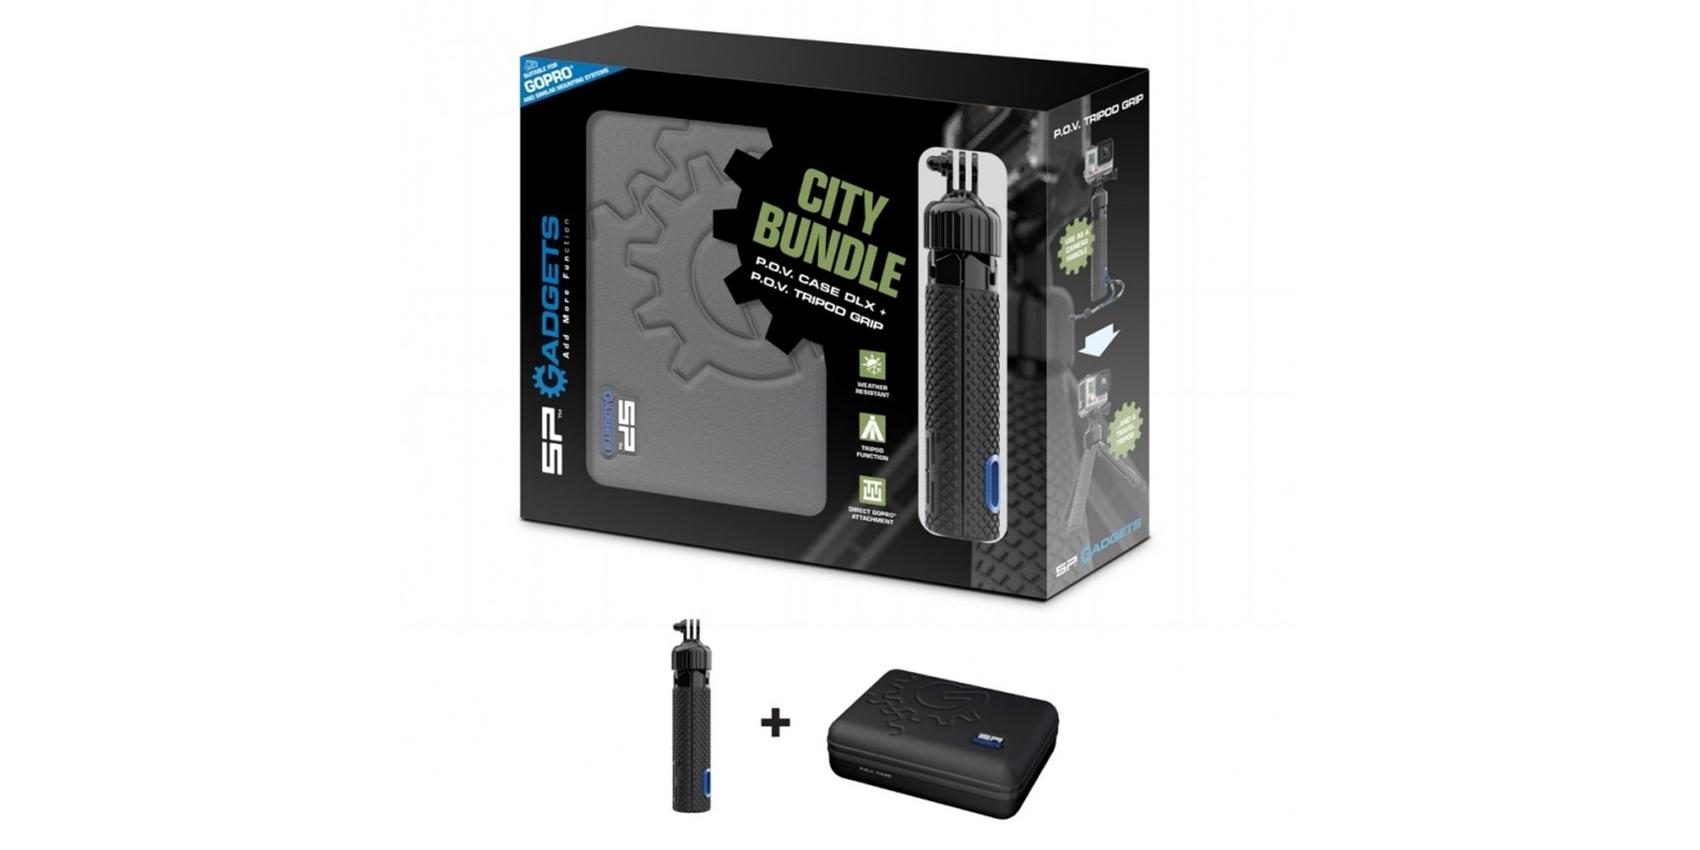 Набор SP City Bundle (кейс + трипод) комплект с упаковкой